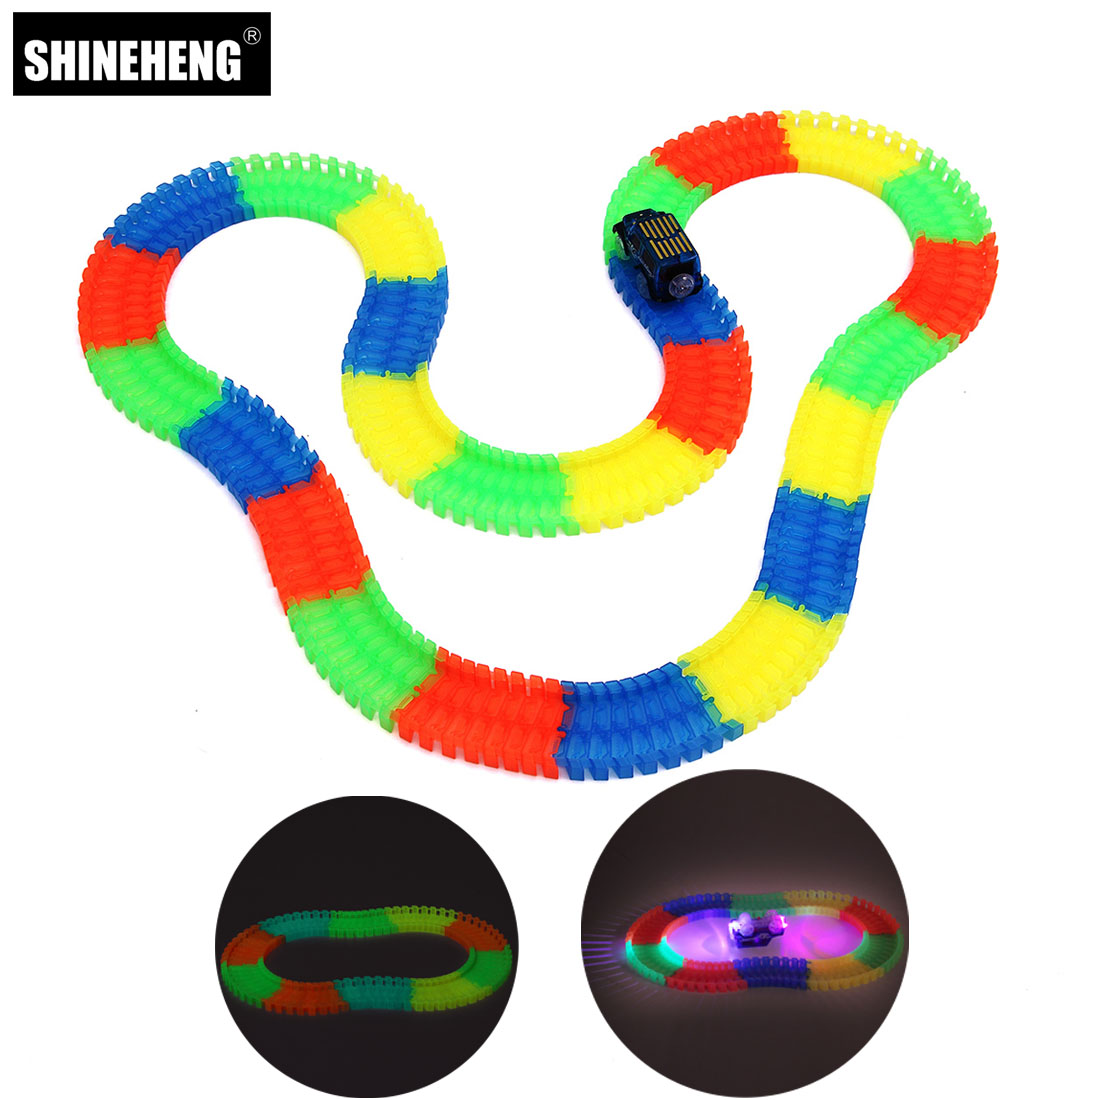 Wunder Glow Racing Spur Gesetzt Flexible Tracks Spielzeug 80/165/220/240 stücke Rennstrecke + 1 oder 2 stücke Led Auto mit 1 stück Squishy für Geschenk